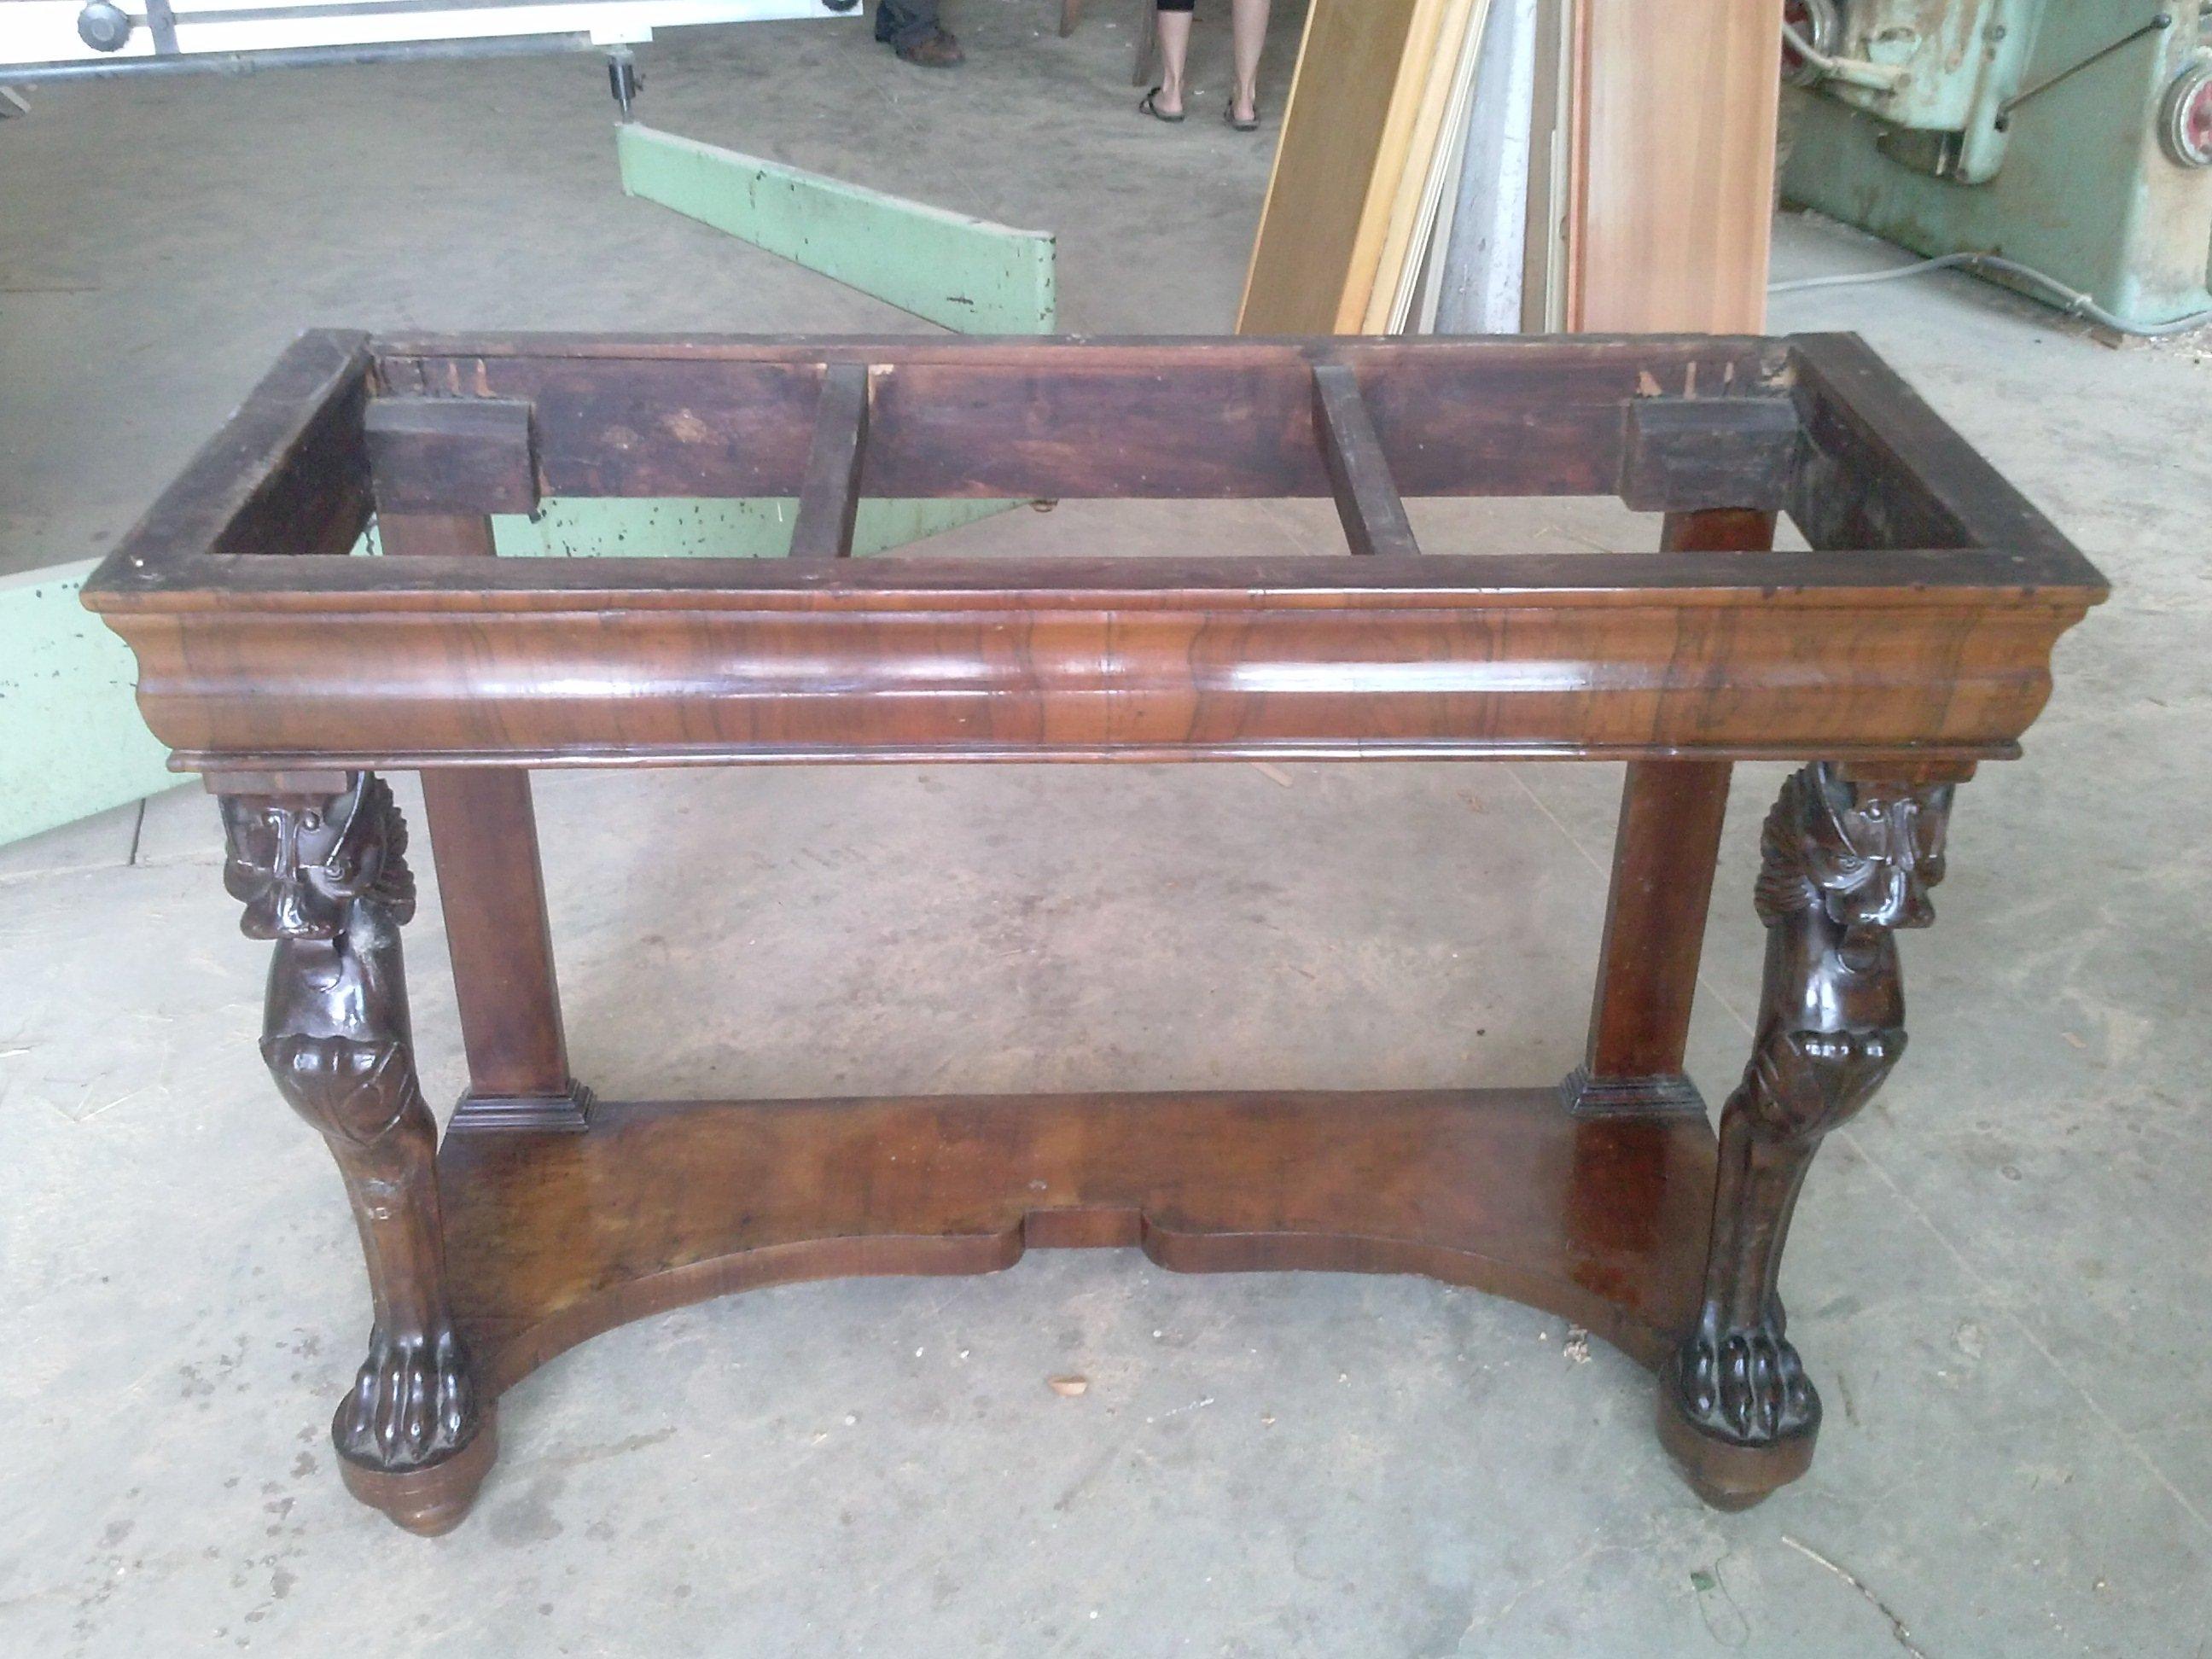 Credenza di legno di pino, con tre armadietto nella parte superiore con porta di vetro con fiore incisa, tre cassetti e tre armadietto nella parte inferiore